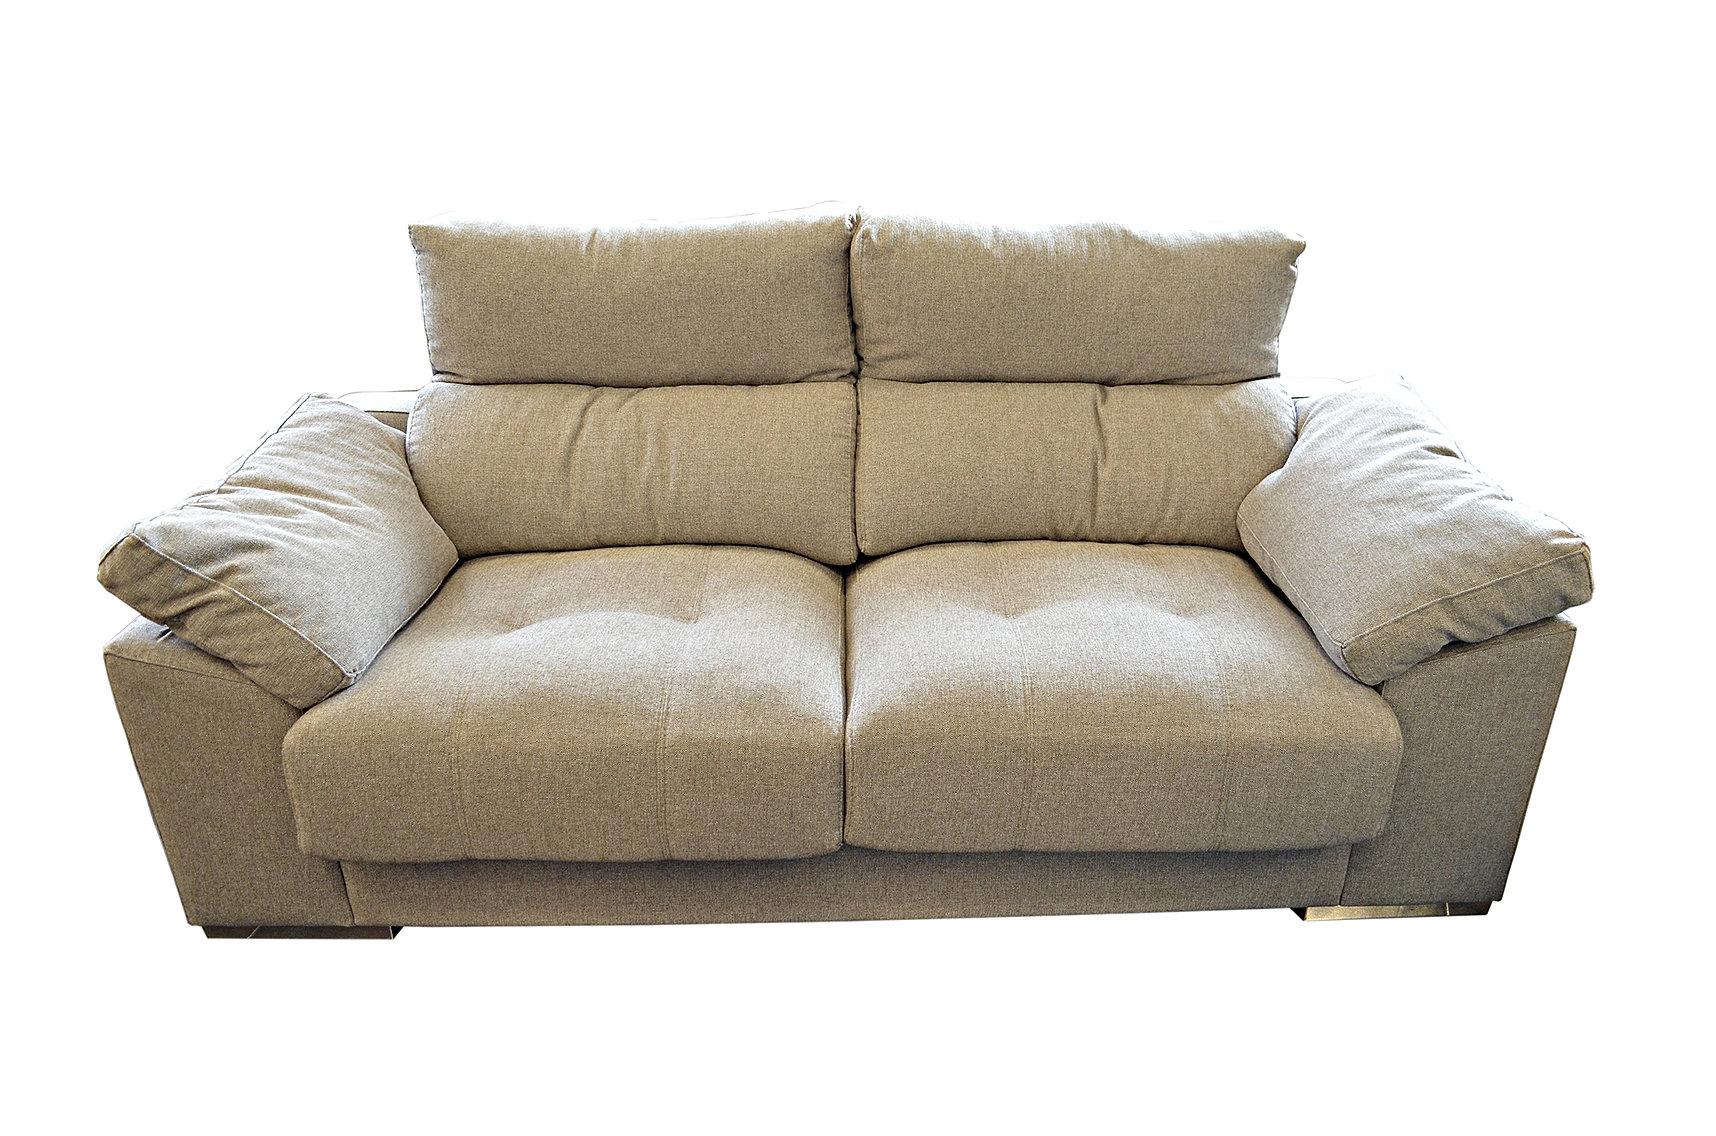 Sofass sevilla sof s en tela en sevilla for Sofas sevilla